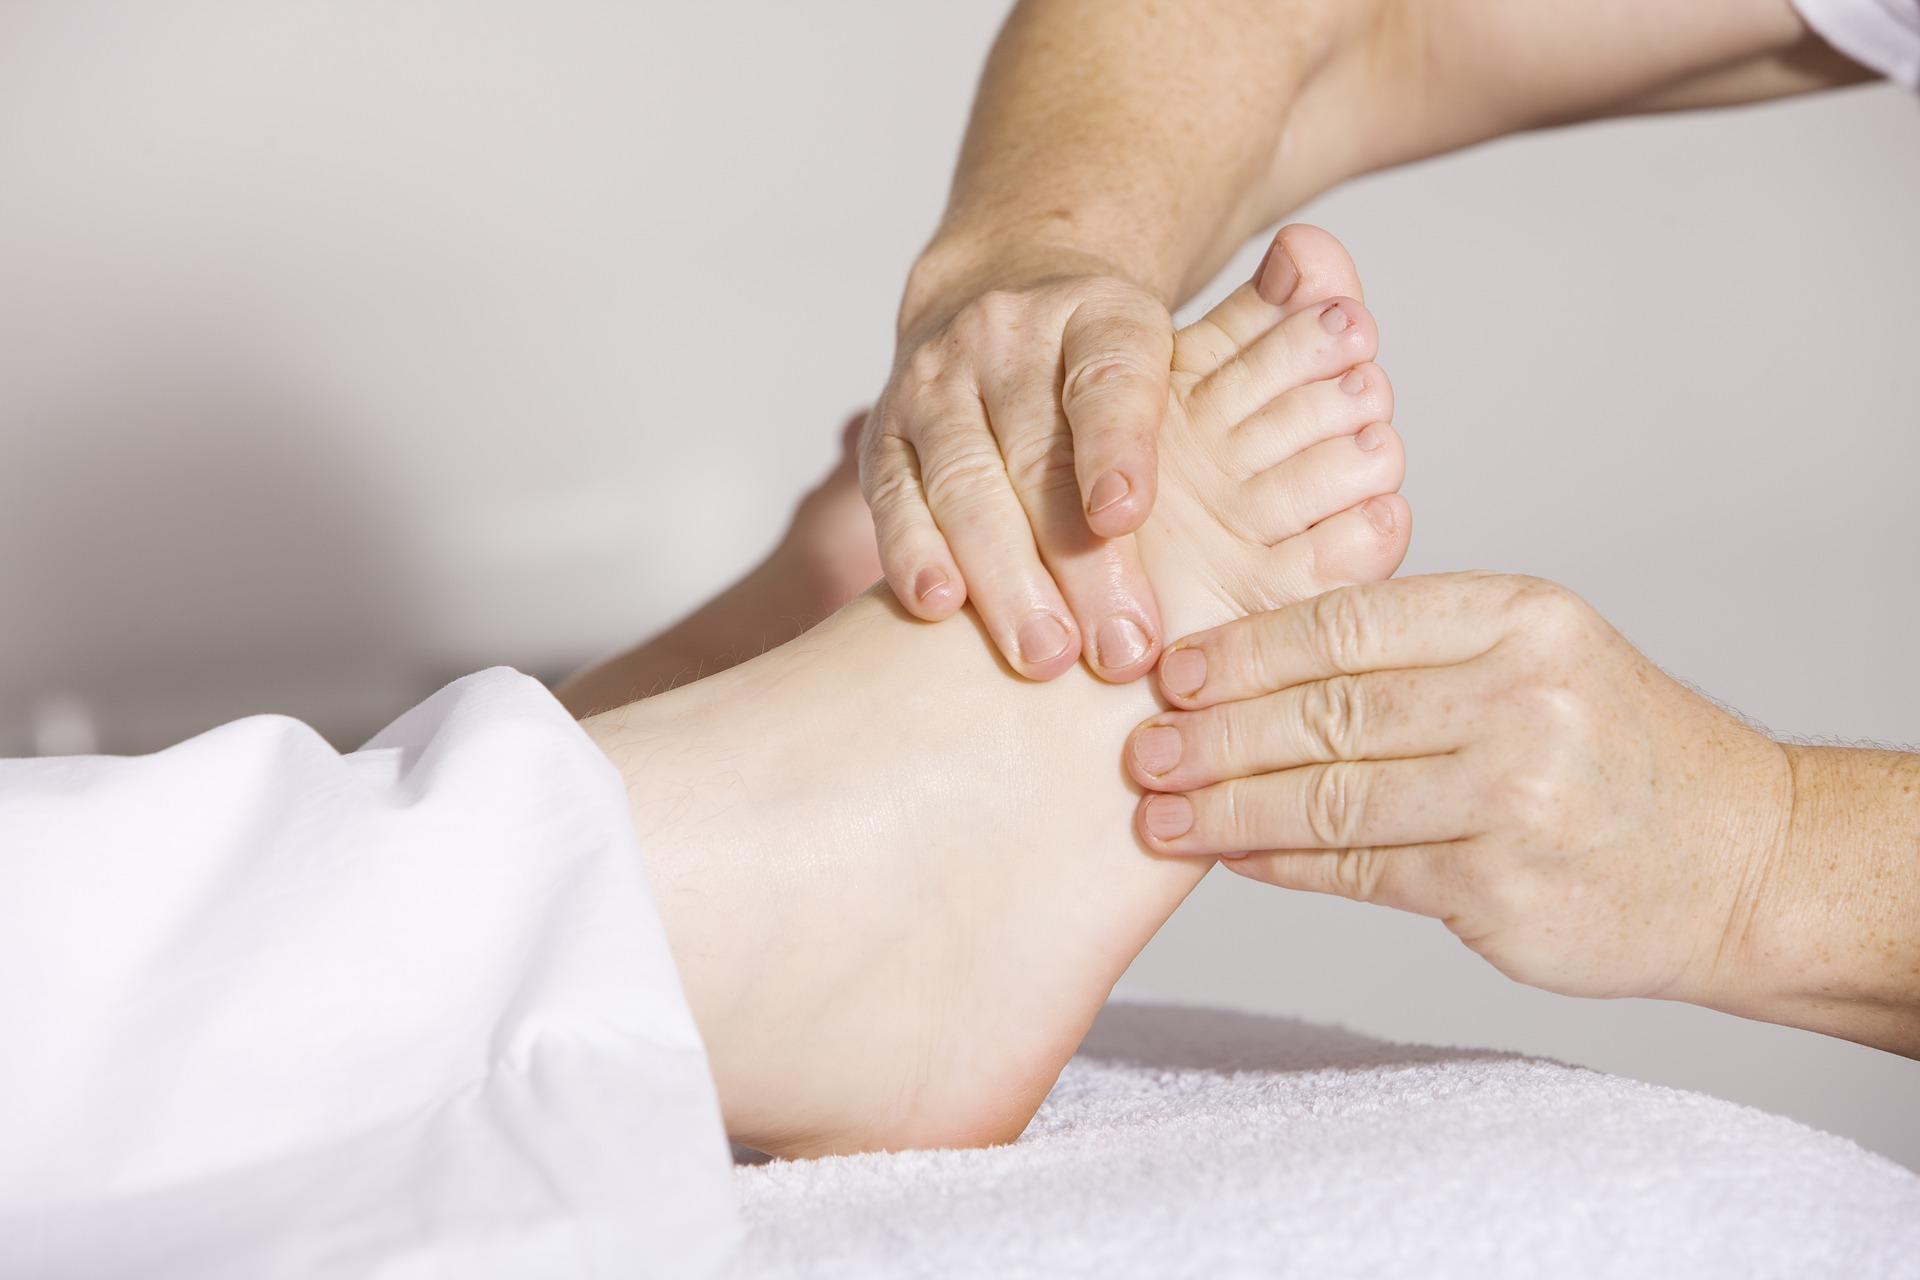 Wellness hilft bei Trennungsschmerz - Eike Grzonka Haan